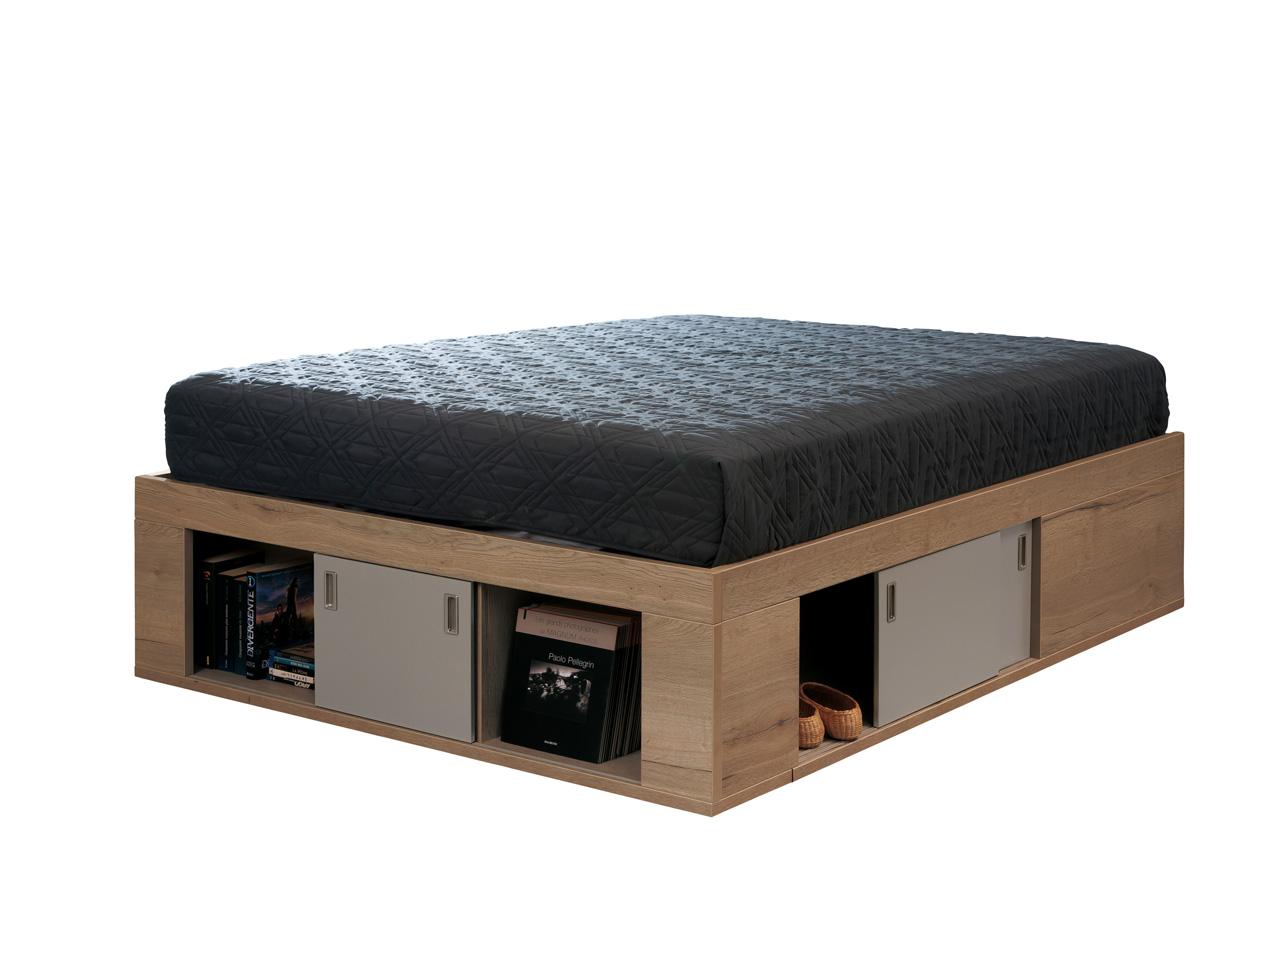 coffre de lit zodiaque ch ne tabac laque argile 160x200 meubles minet. Black Bedroom Furniture Sets. Home Design Ideas